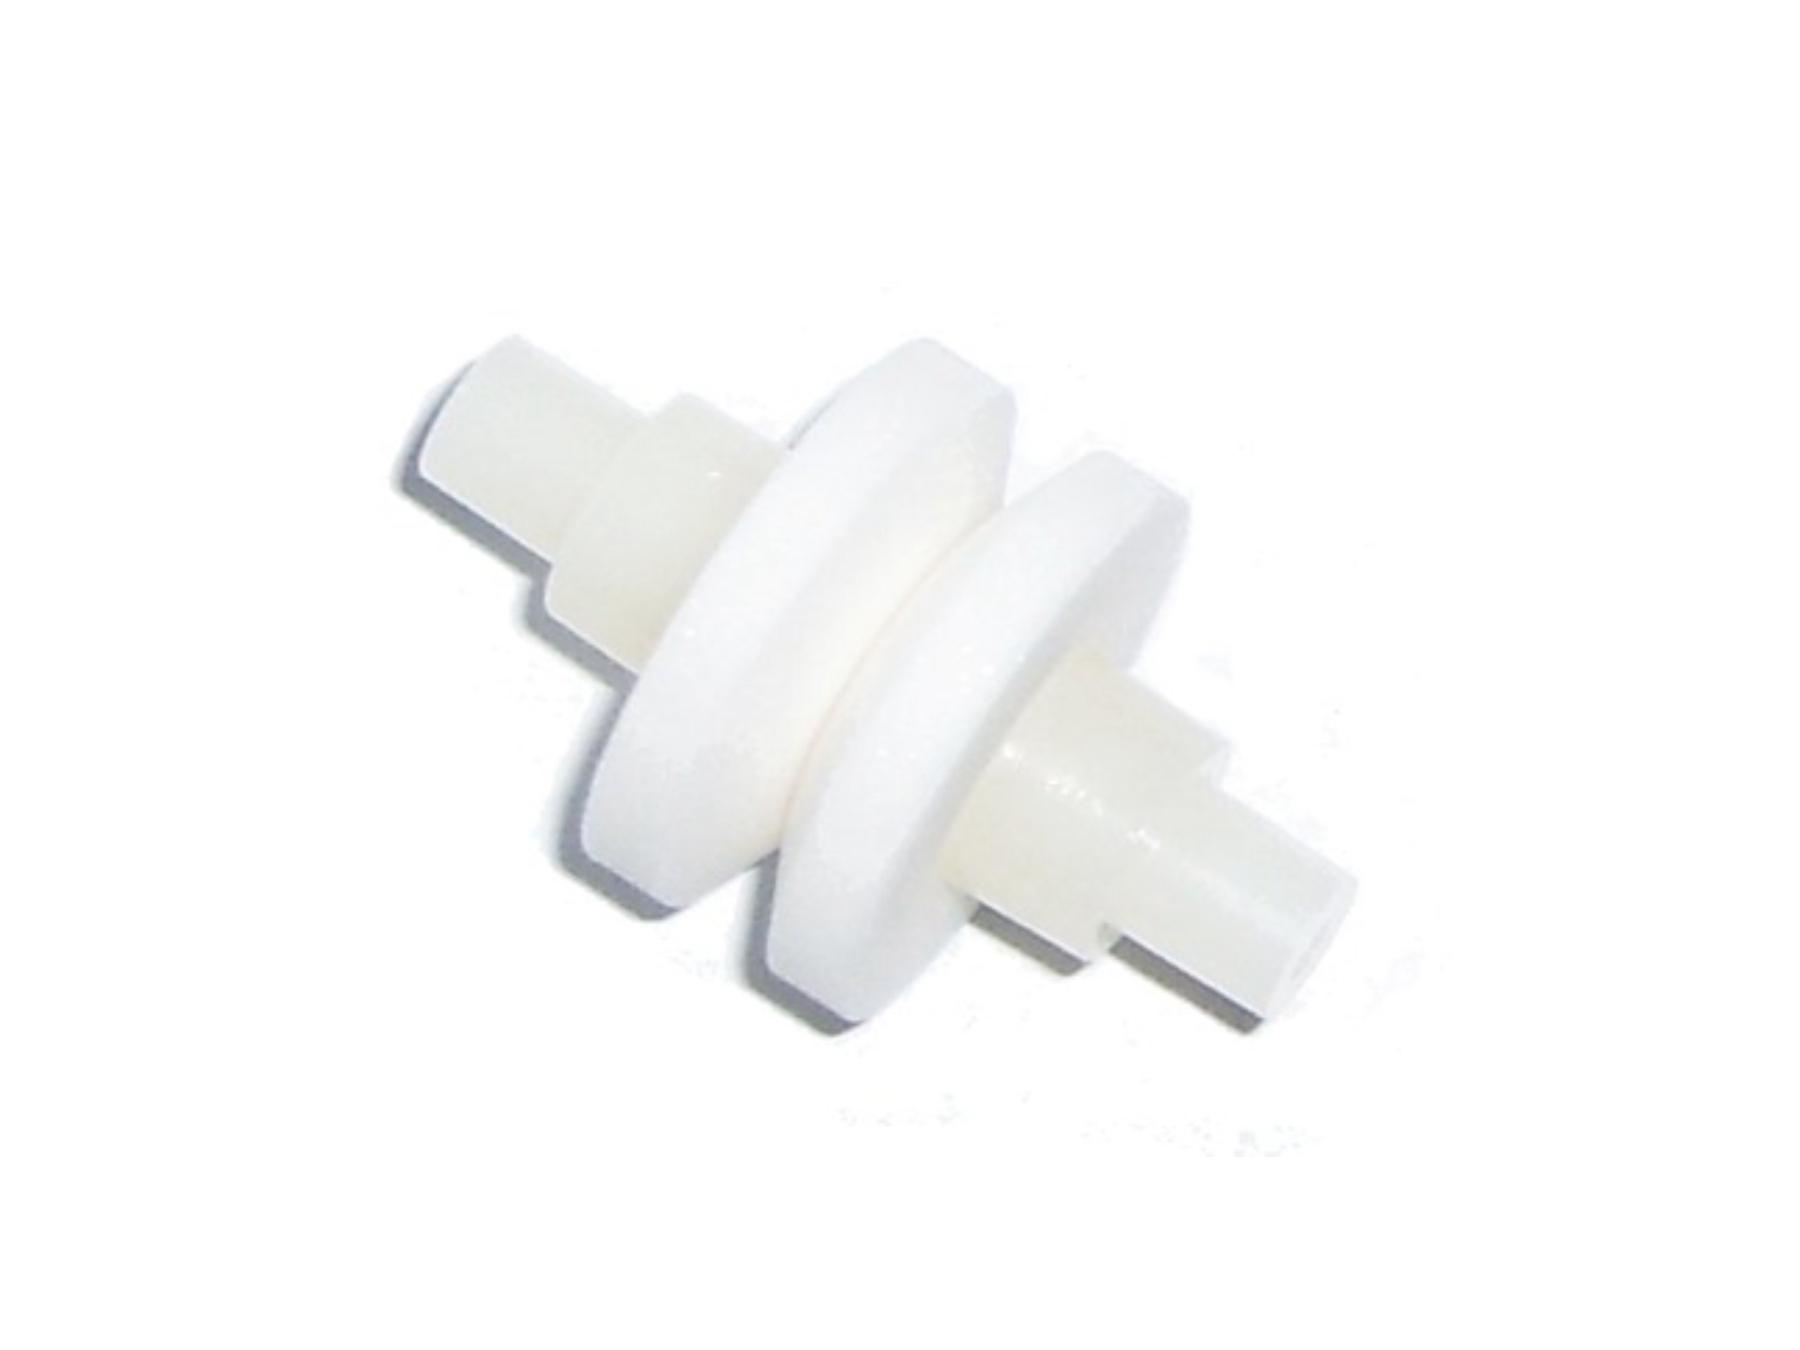 MinoSharp 222 Ersatz Keramikstein für 220-GB und 220-BR, weiß